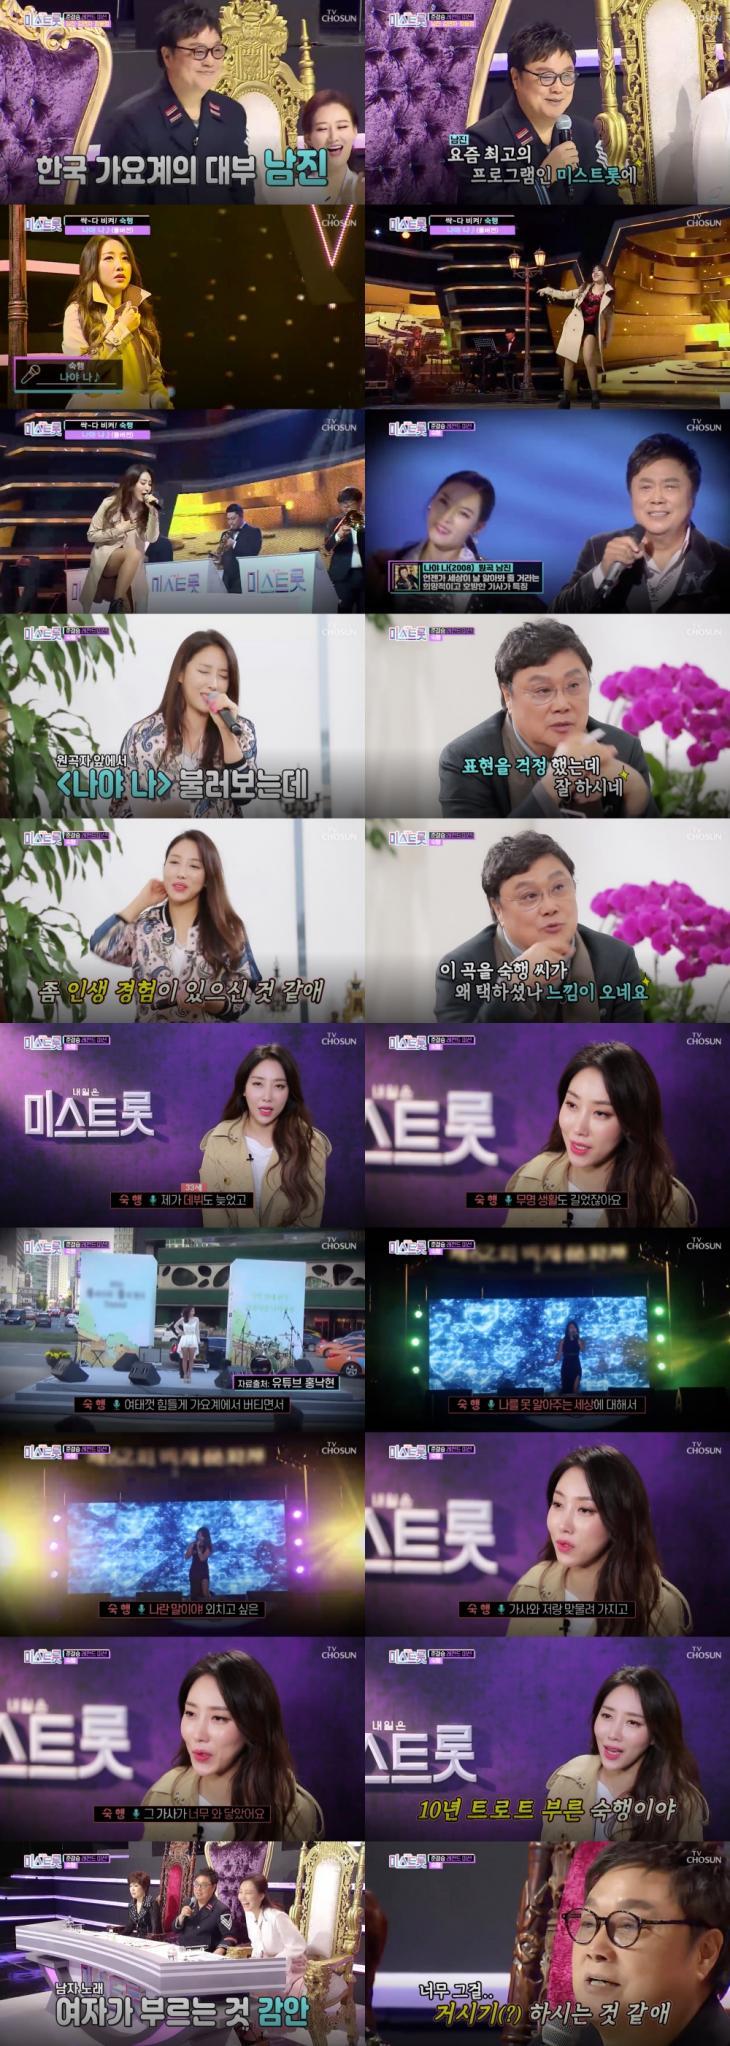 [★픽] '미스트롯' 남진, 숙행 '나야 나' 무대 극찬 '나이 차 넘어 음악으로 교감'